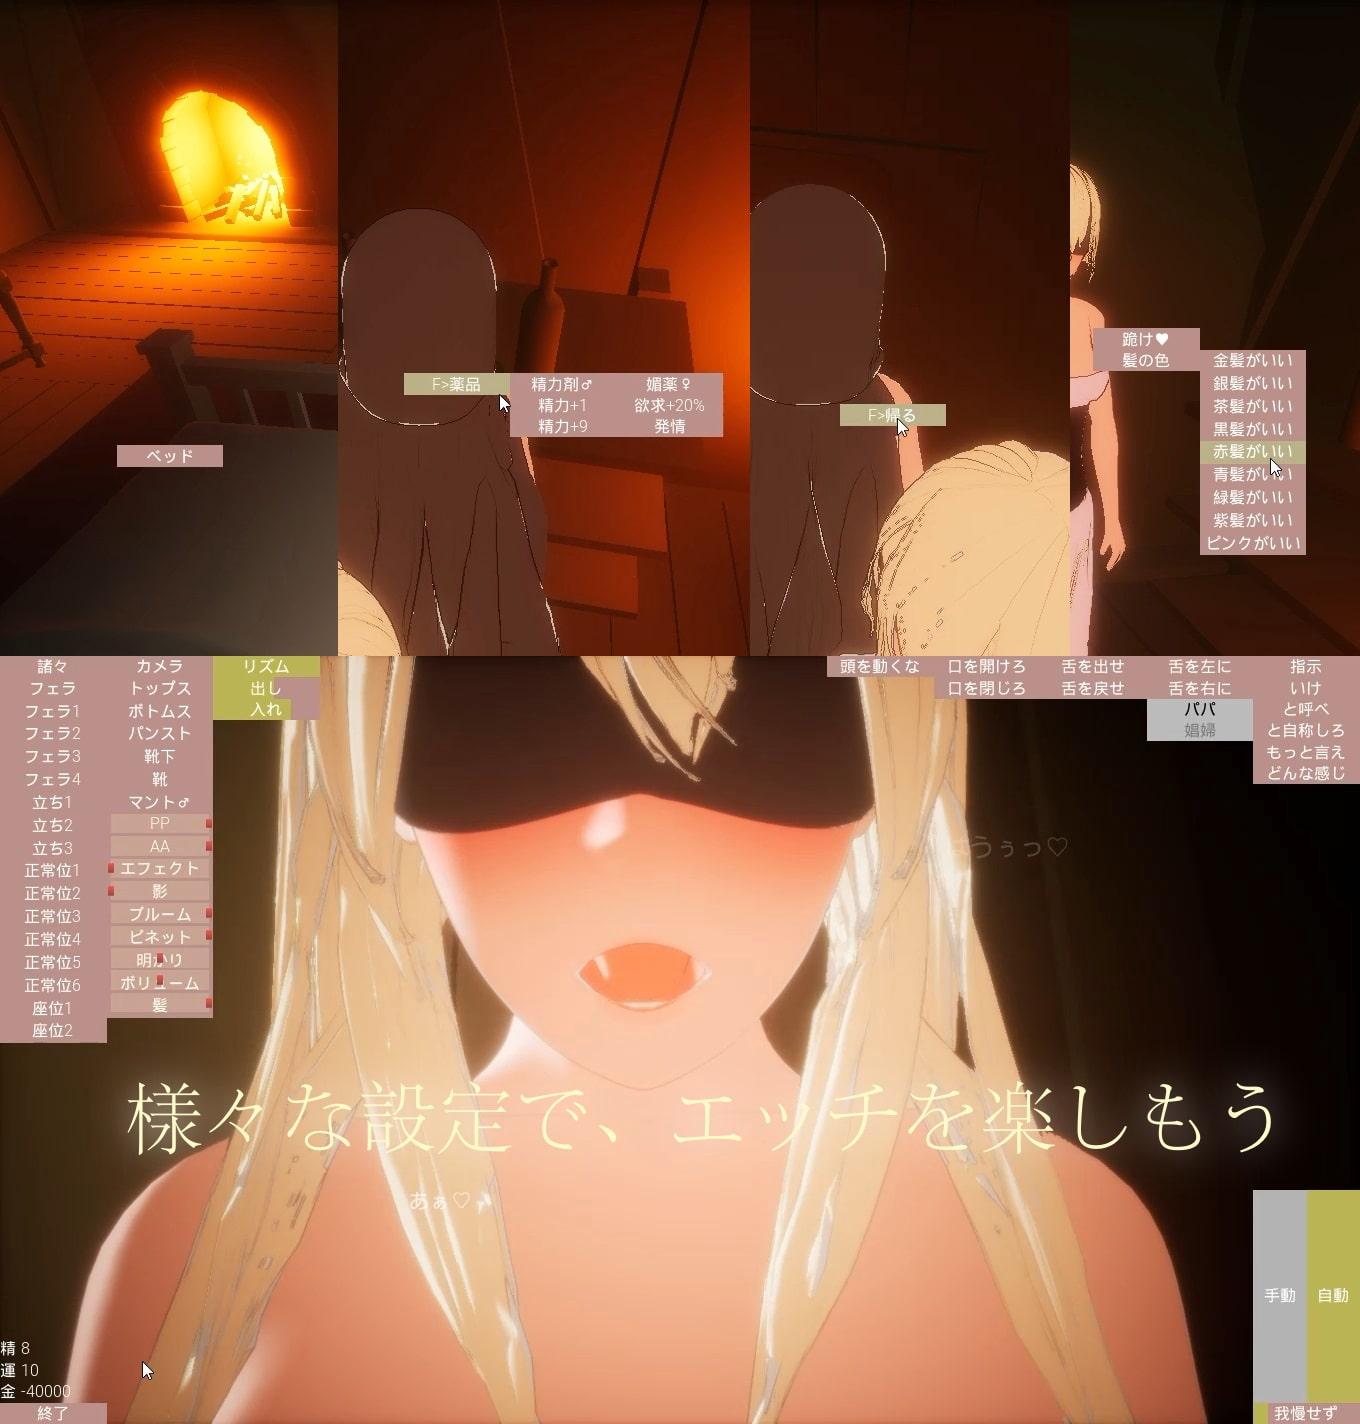 娼女とブラックジャック-幸運の女神はタダじゃない!?